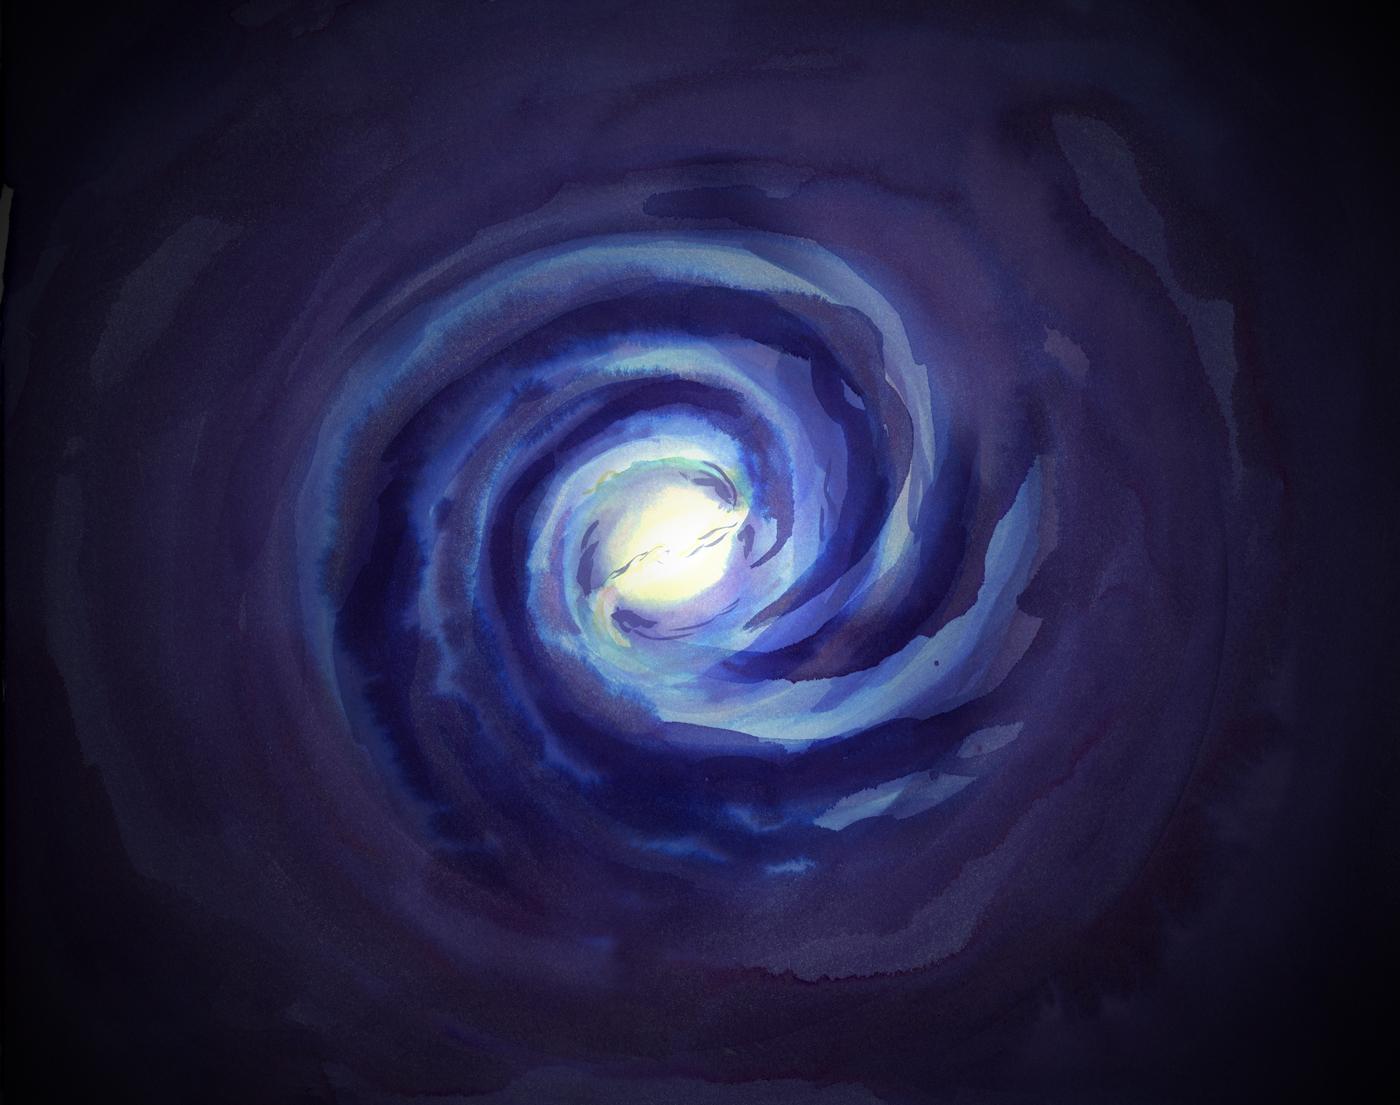 <p>Milky Way</p>